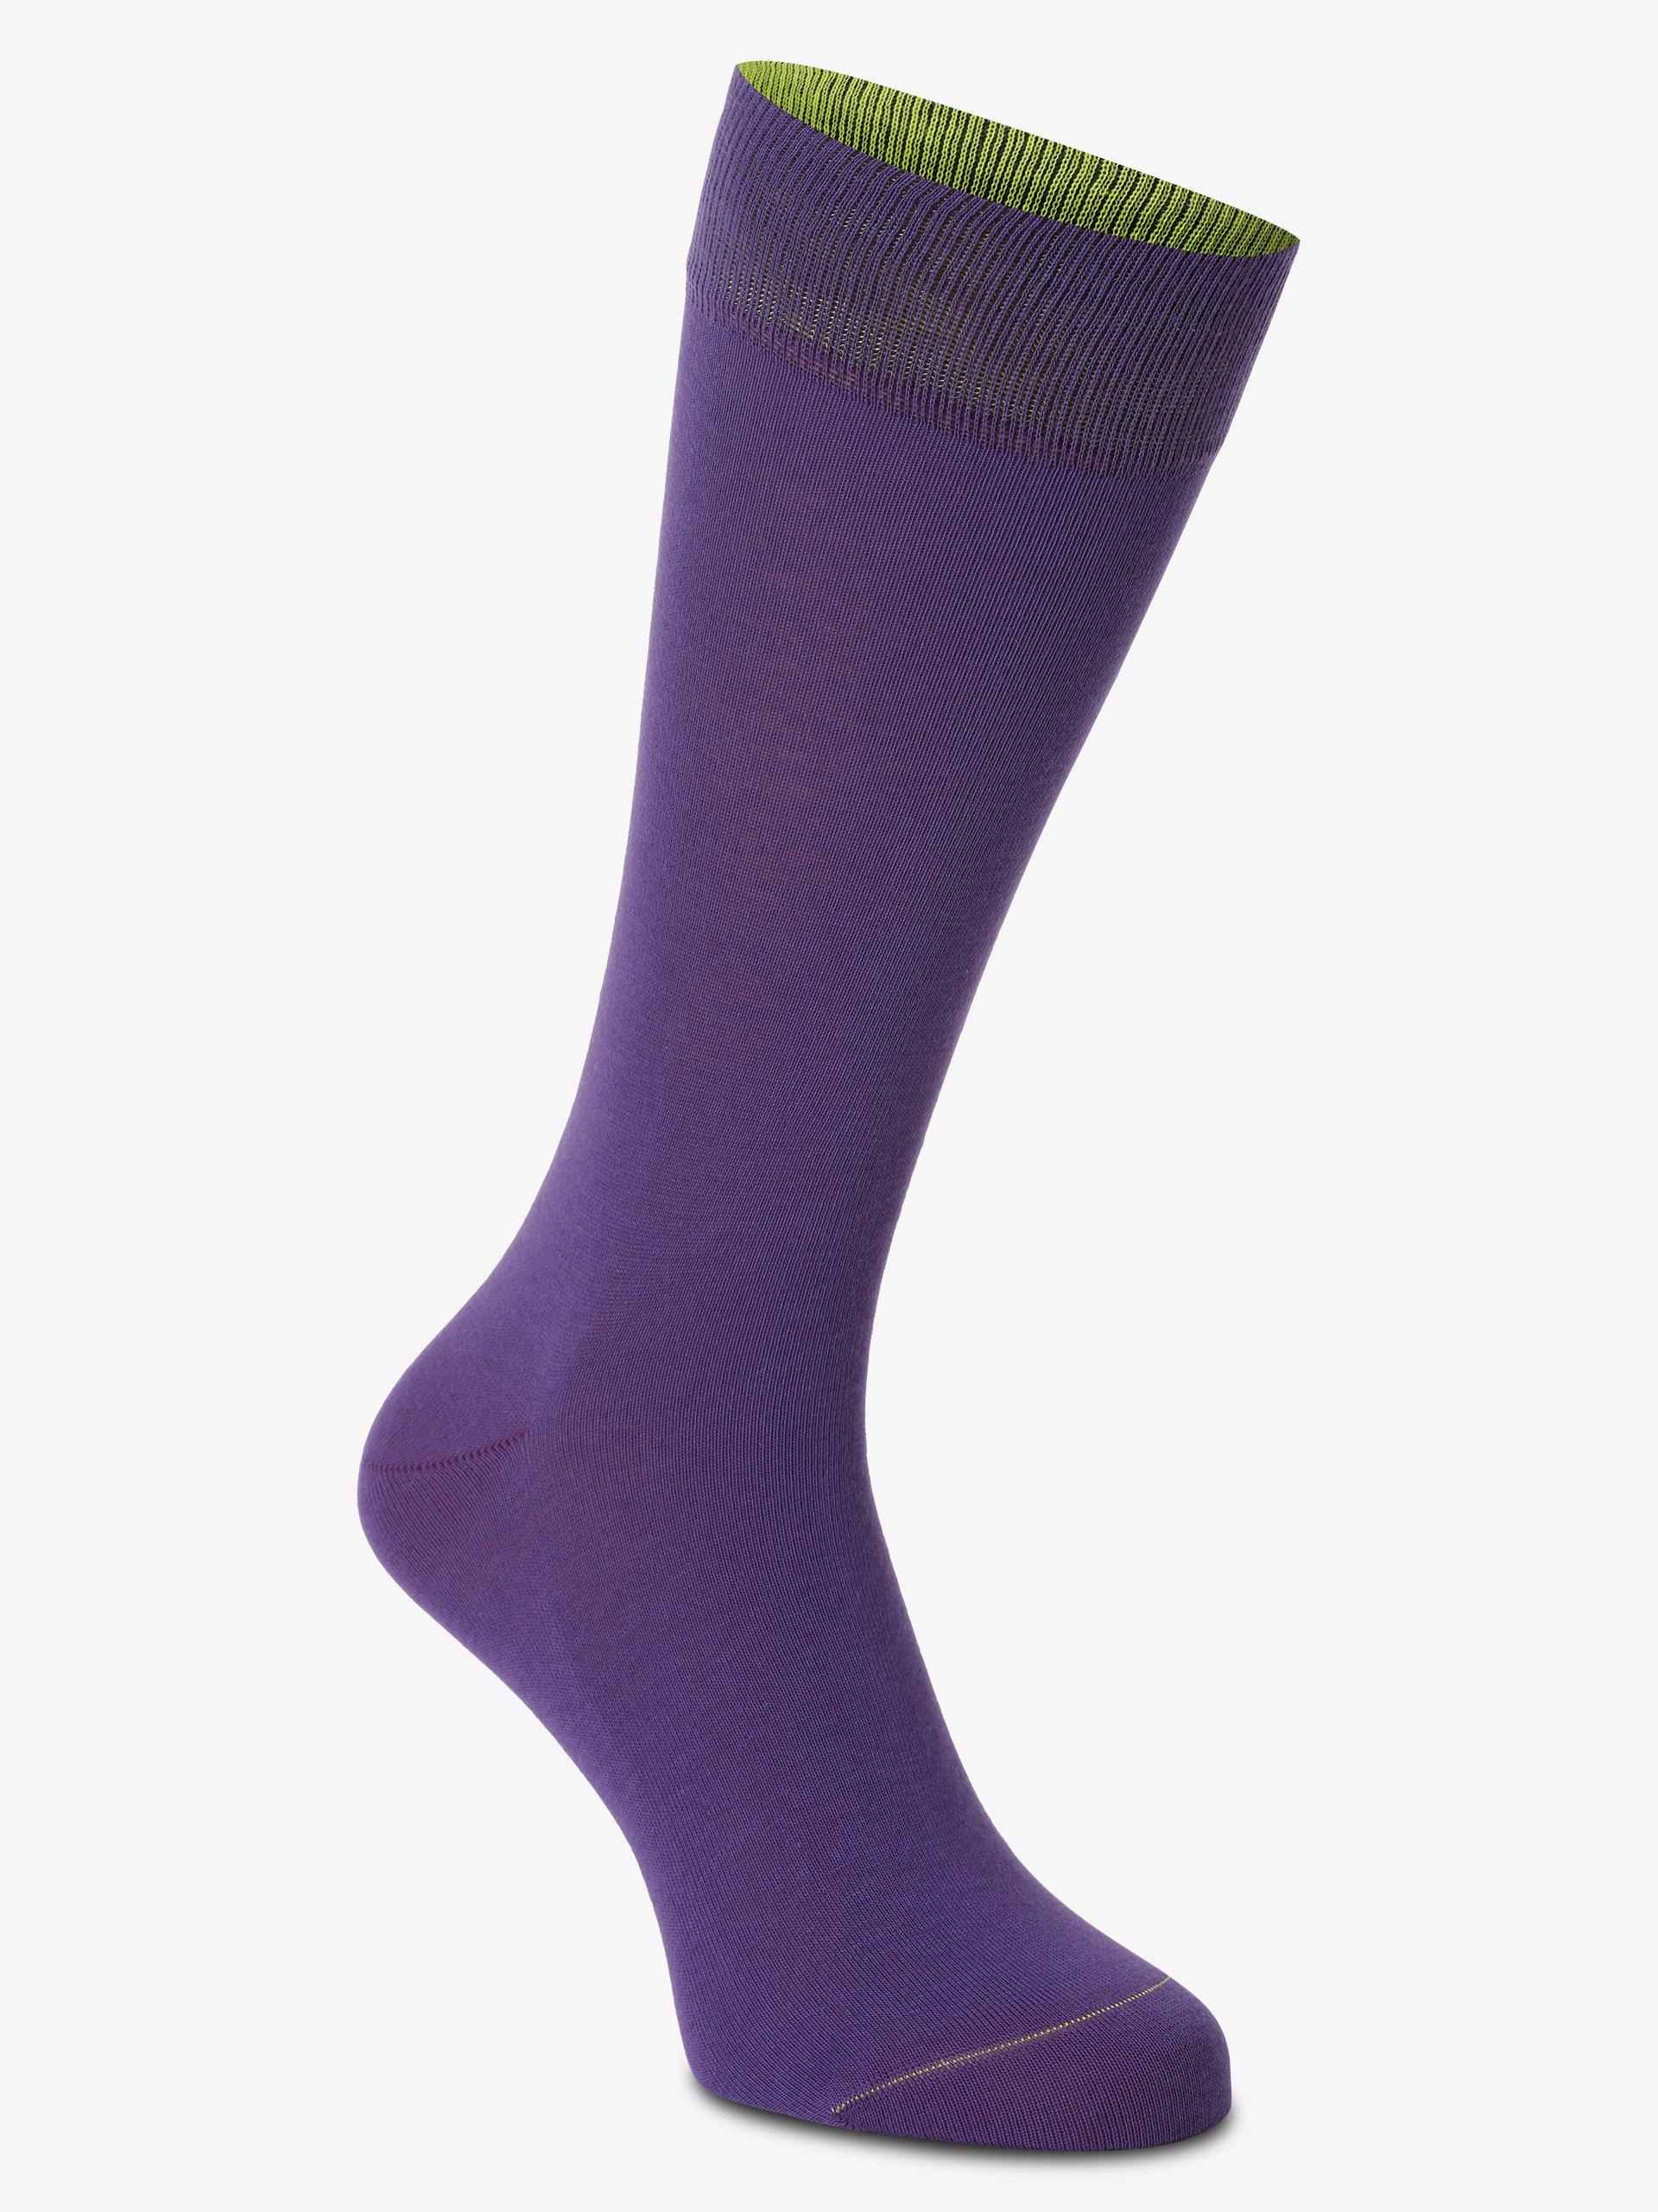 Von Jungfeld Herren Socken